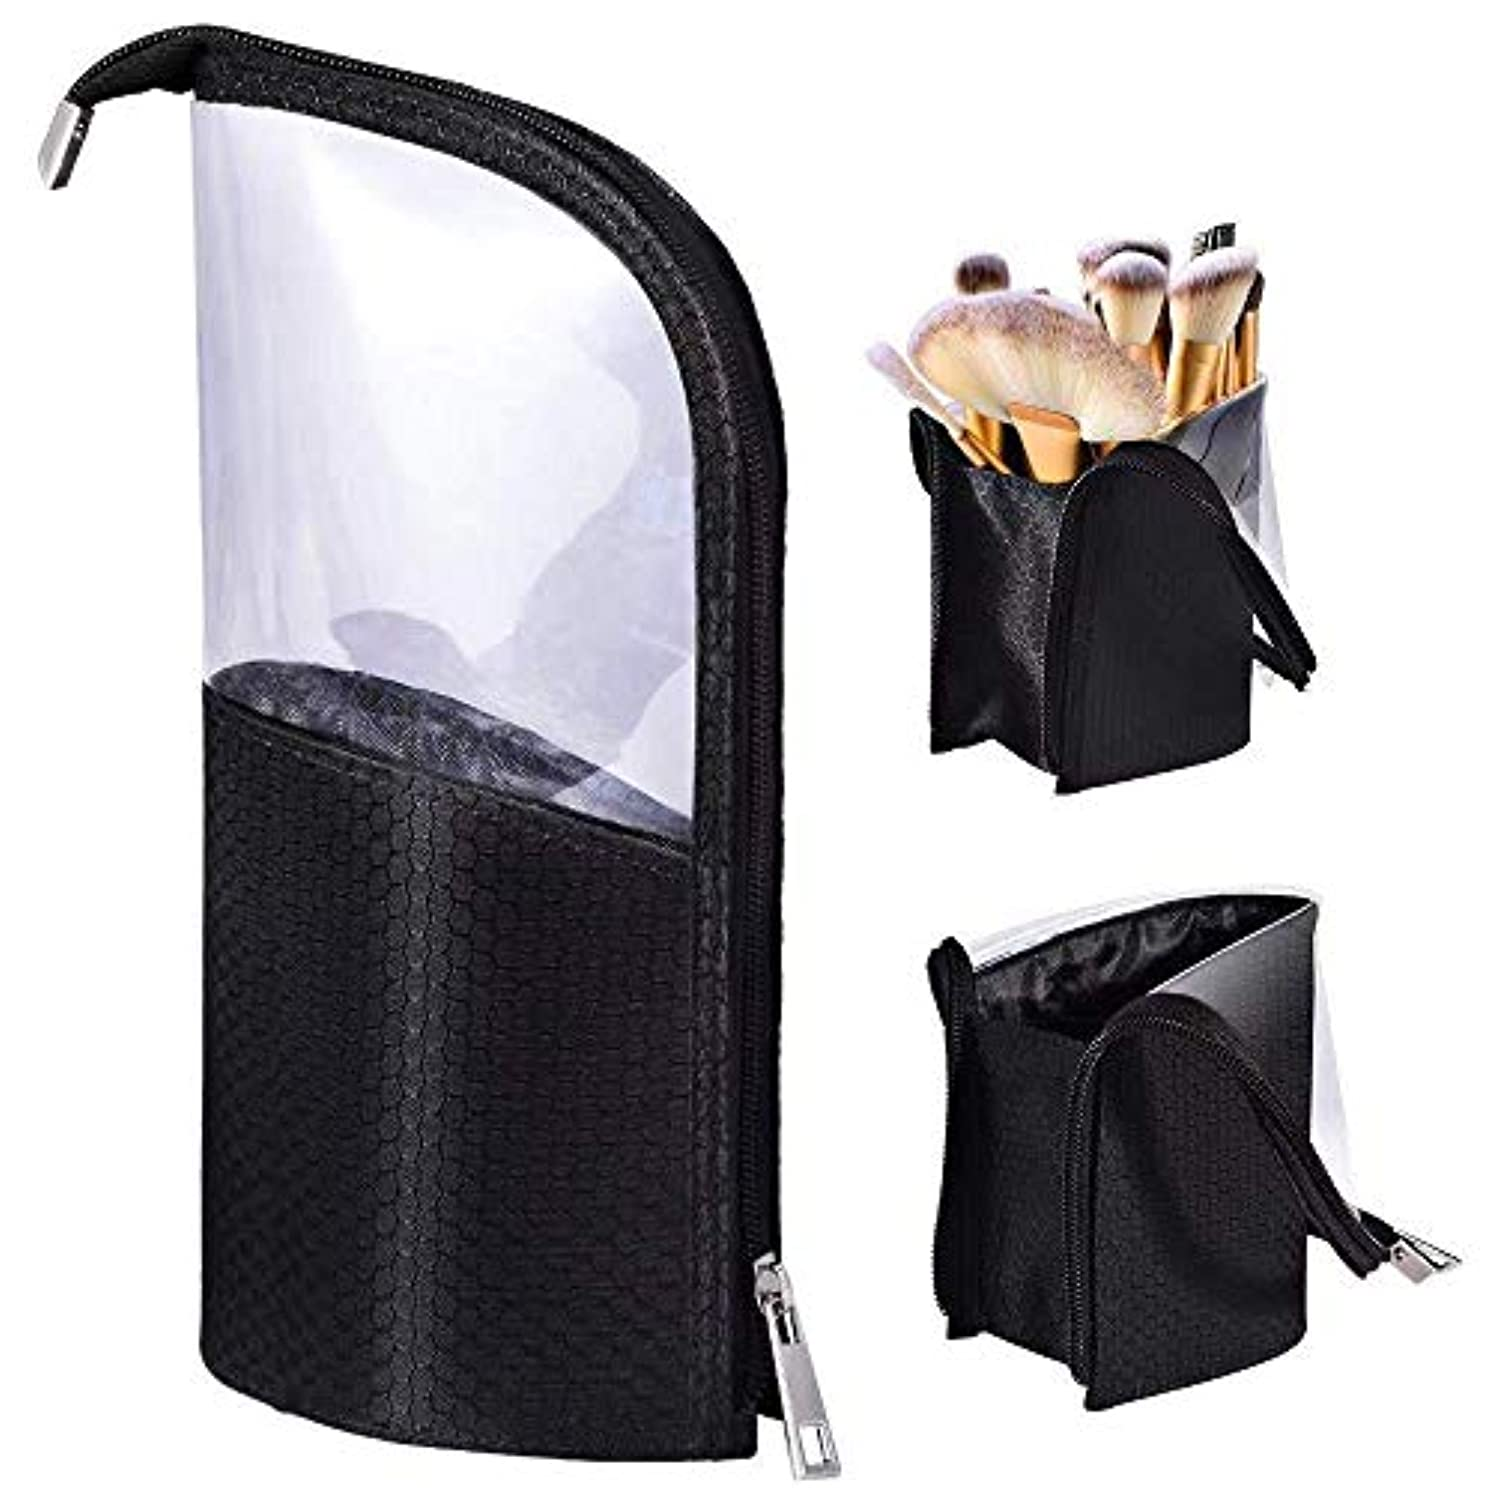 リフト裏切りシールドMOMO ペンケース 化粧筆ポーチ 化粧ポーチ 旅行収納 筆箱 小物入れ メイクブラシホルダー バッグ スタンド ケース 24本収納